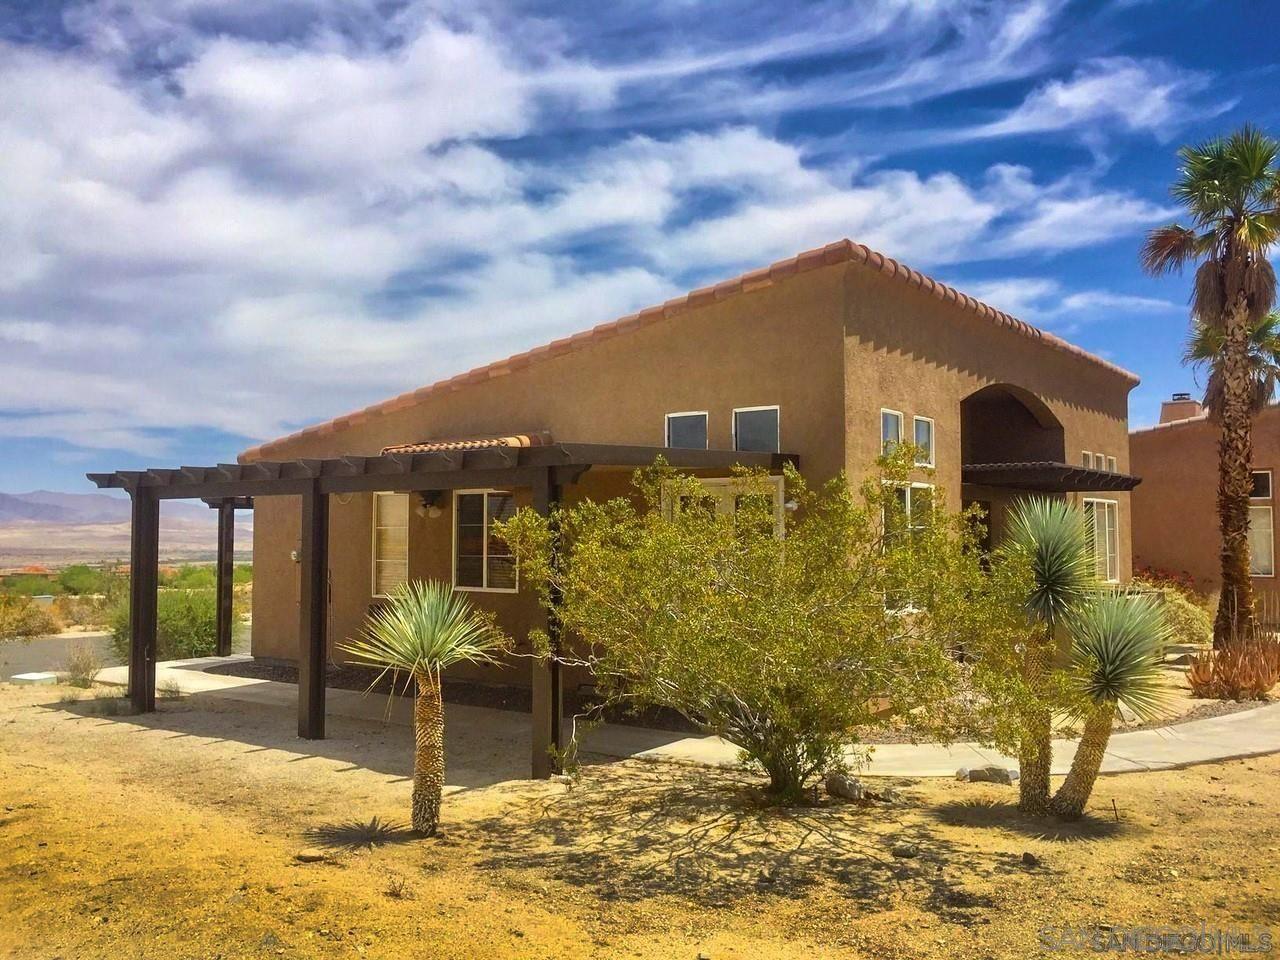 Photo of 1810 Las Casitas, Borrego Springs, CA 92004 (MLS # 210012061)